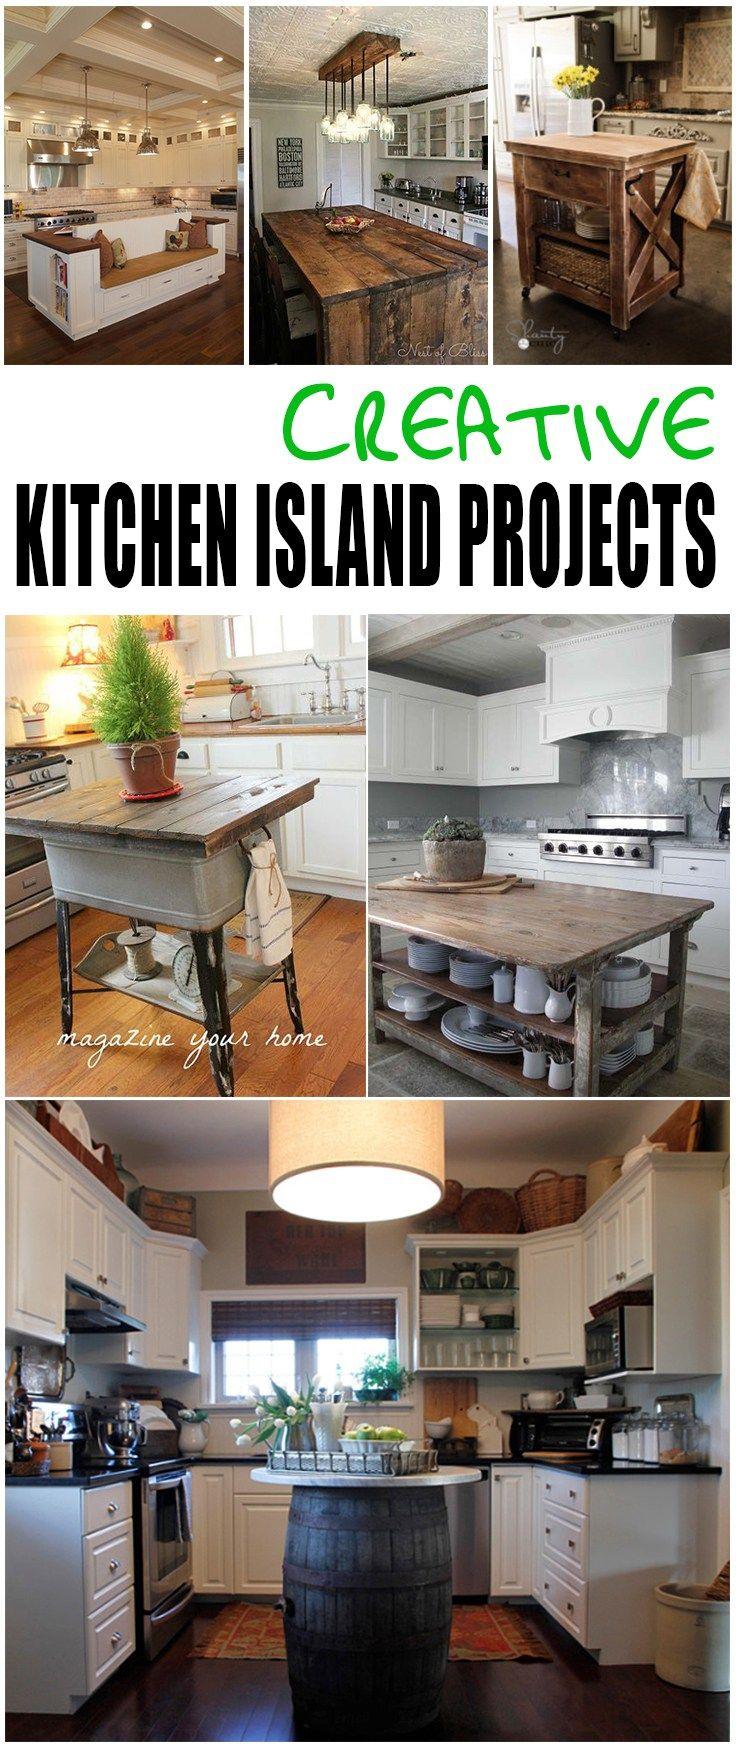 22 Unique Diy Kitchen Island Ideas: Creative DIY Kitchen Island Ideas